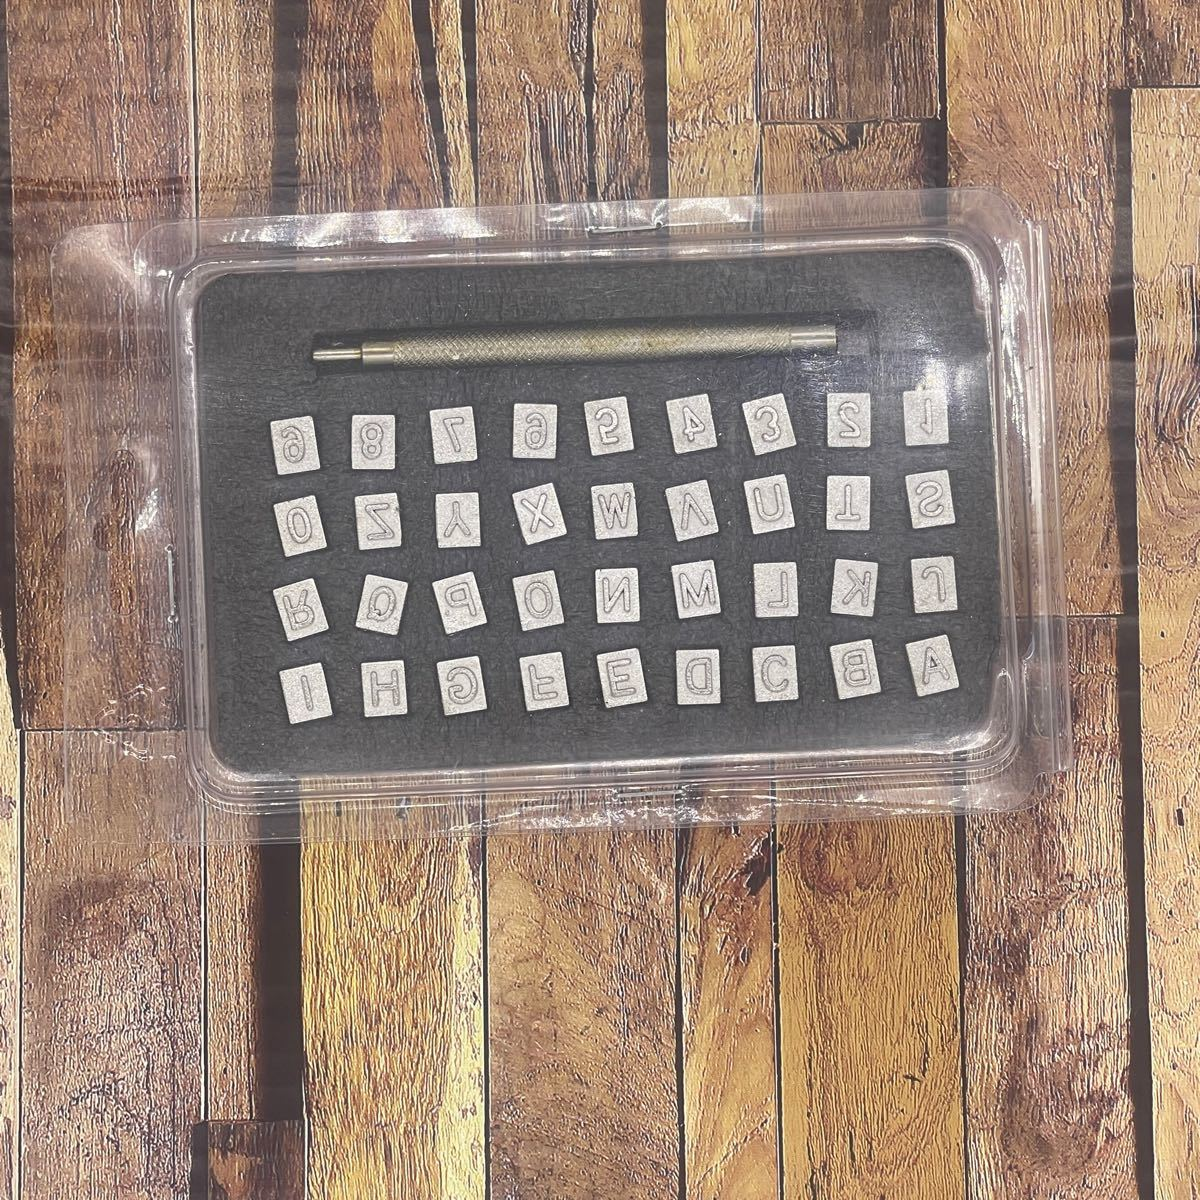 レザークラフト 刻印 6mm 英字 数字 アルファベット 打刻印ポンチ セット